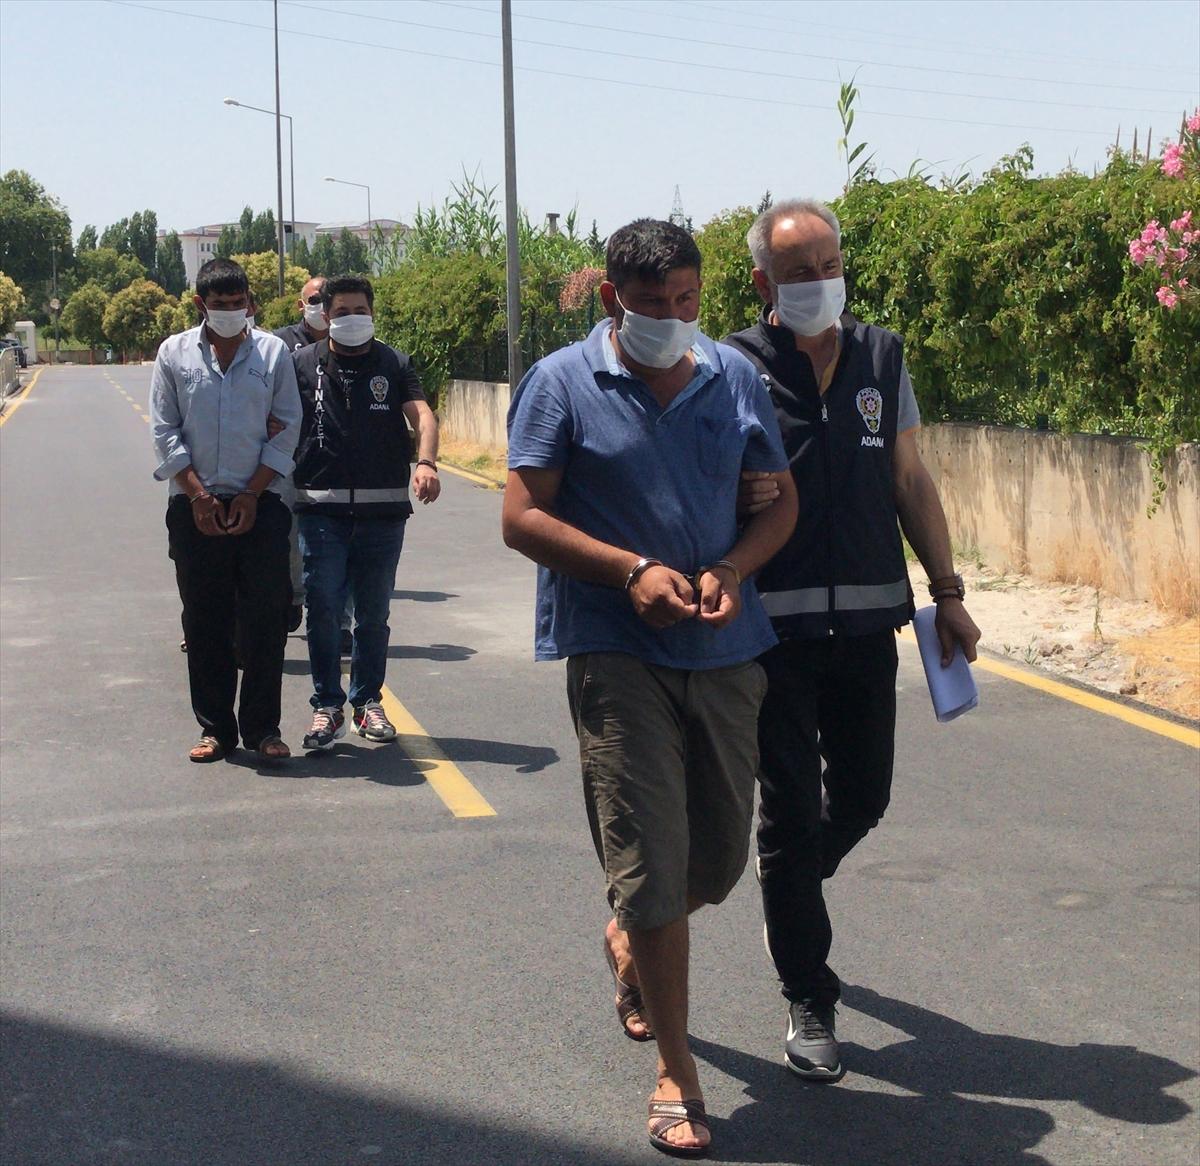 Adana'da 4 kişinin yaralandığı kavganın 5 şüphelisi tutuklandı